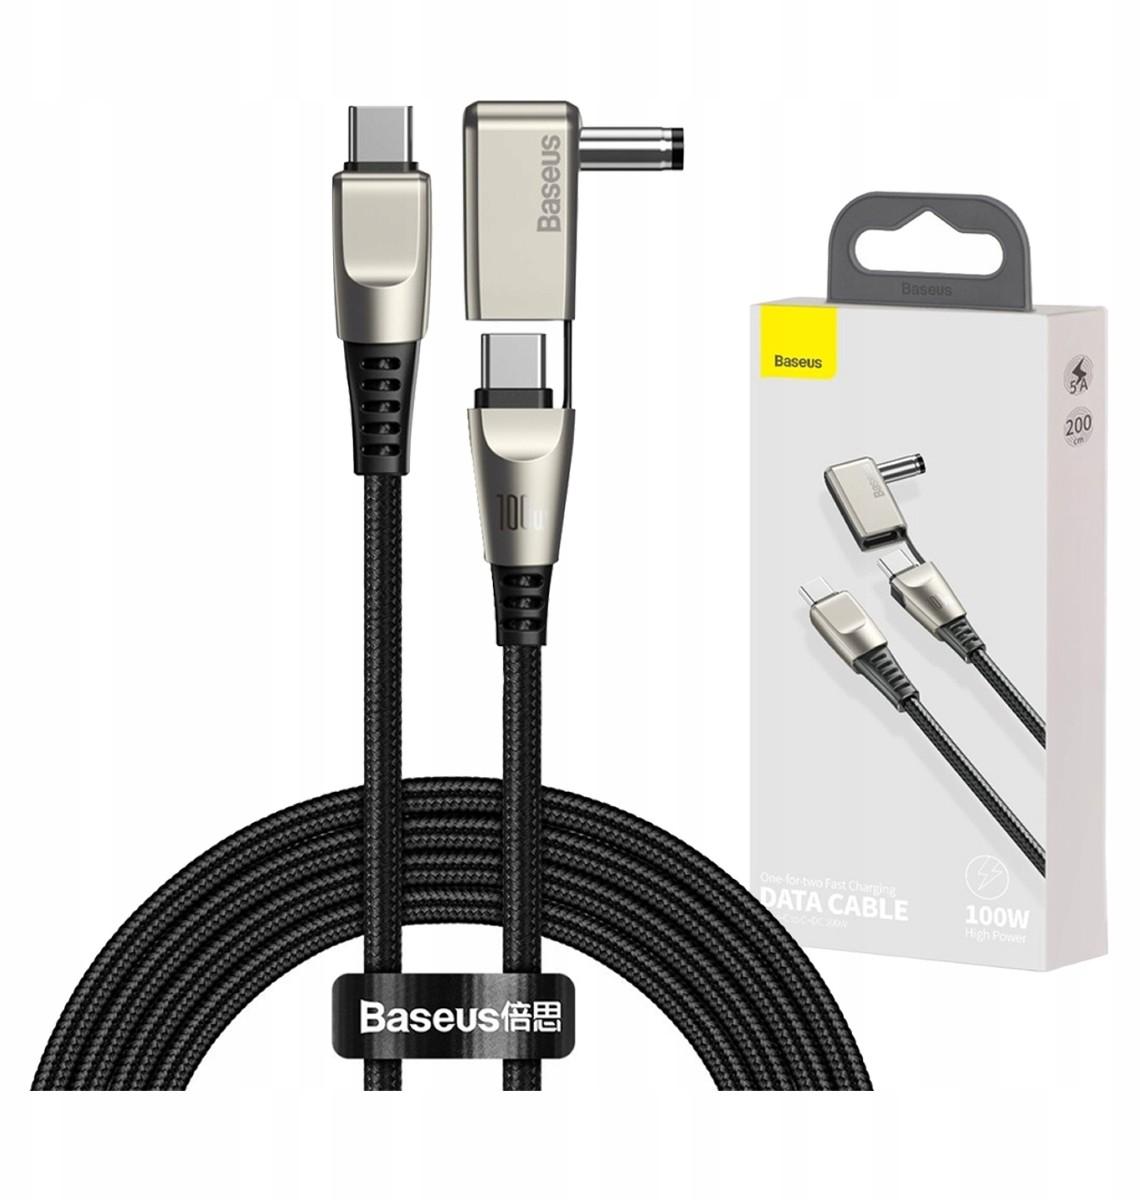 Baseus 2w1 kabel Usb - Usb Typ C / 5,5 mm x 2,5 mm